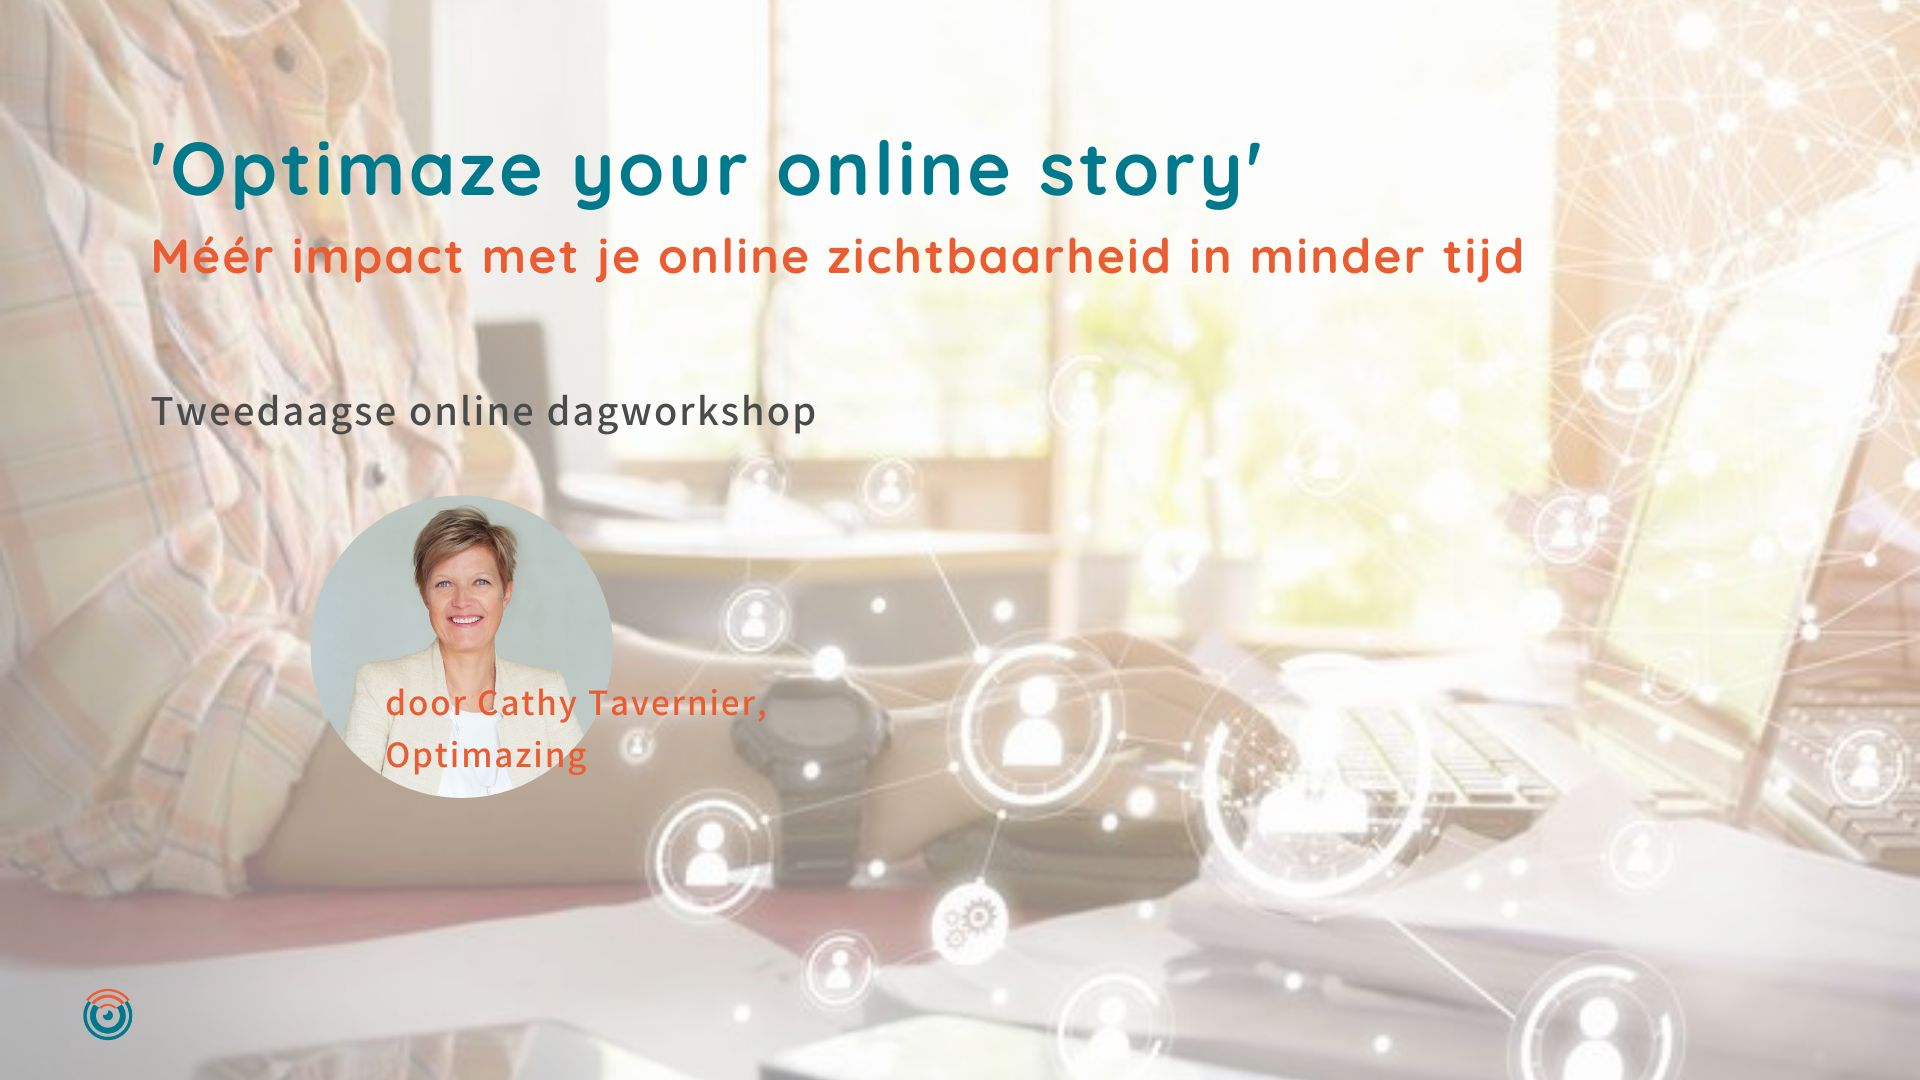 Tweedaagse online dagworkshop 'Optimaze your online story' met Cathy Tavernier